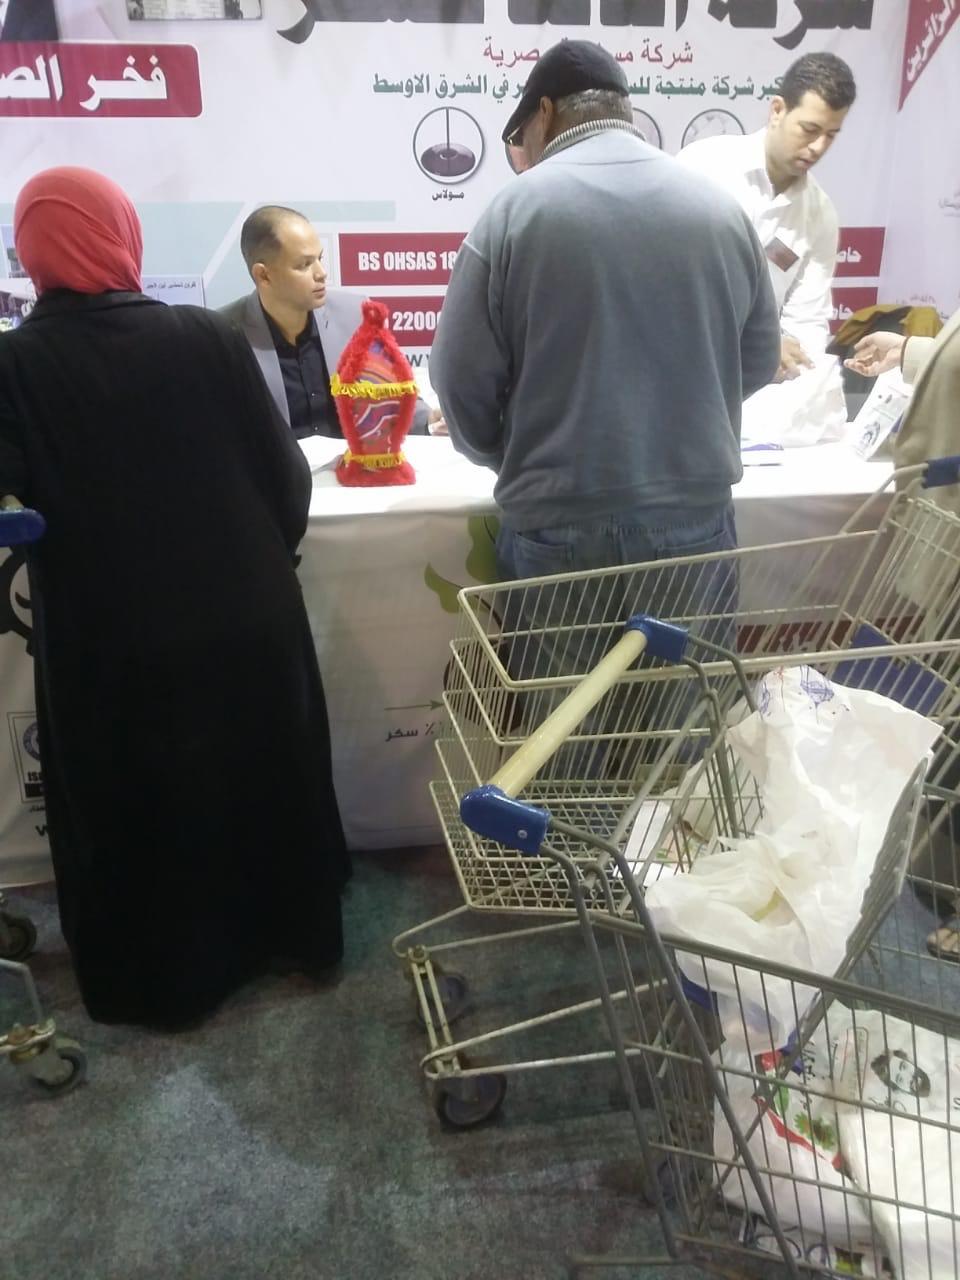 اقبال كبير على معرض سوبر ماركت اهلا رمضان فى يومه الاول (5)